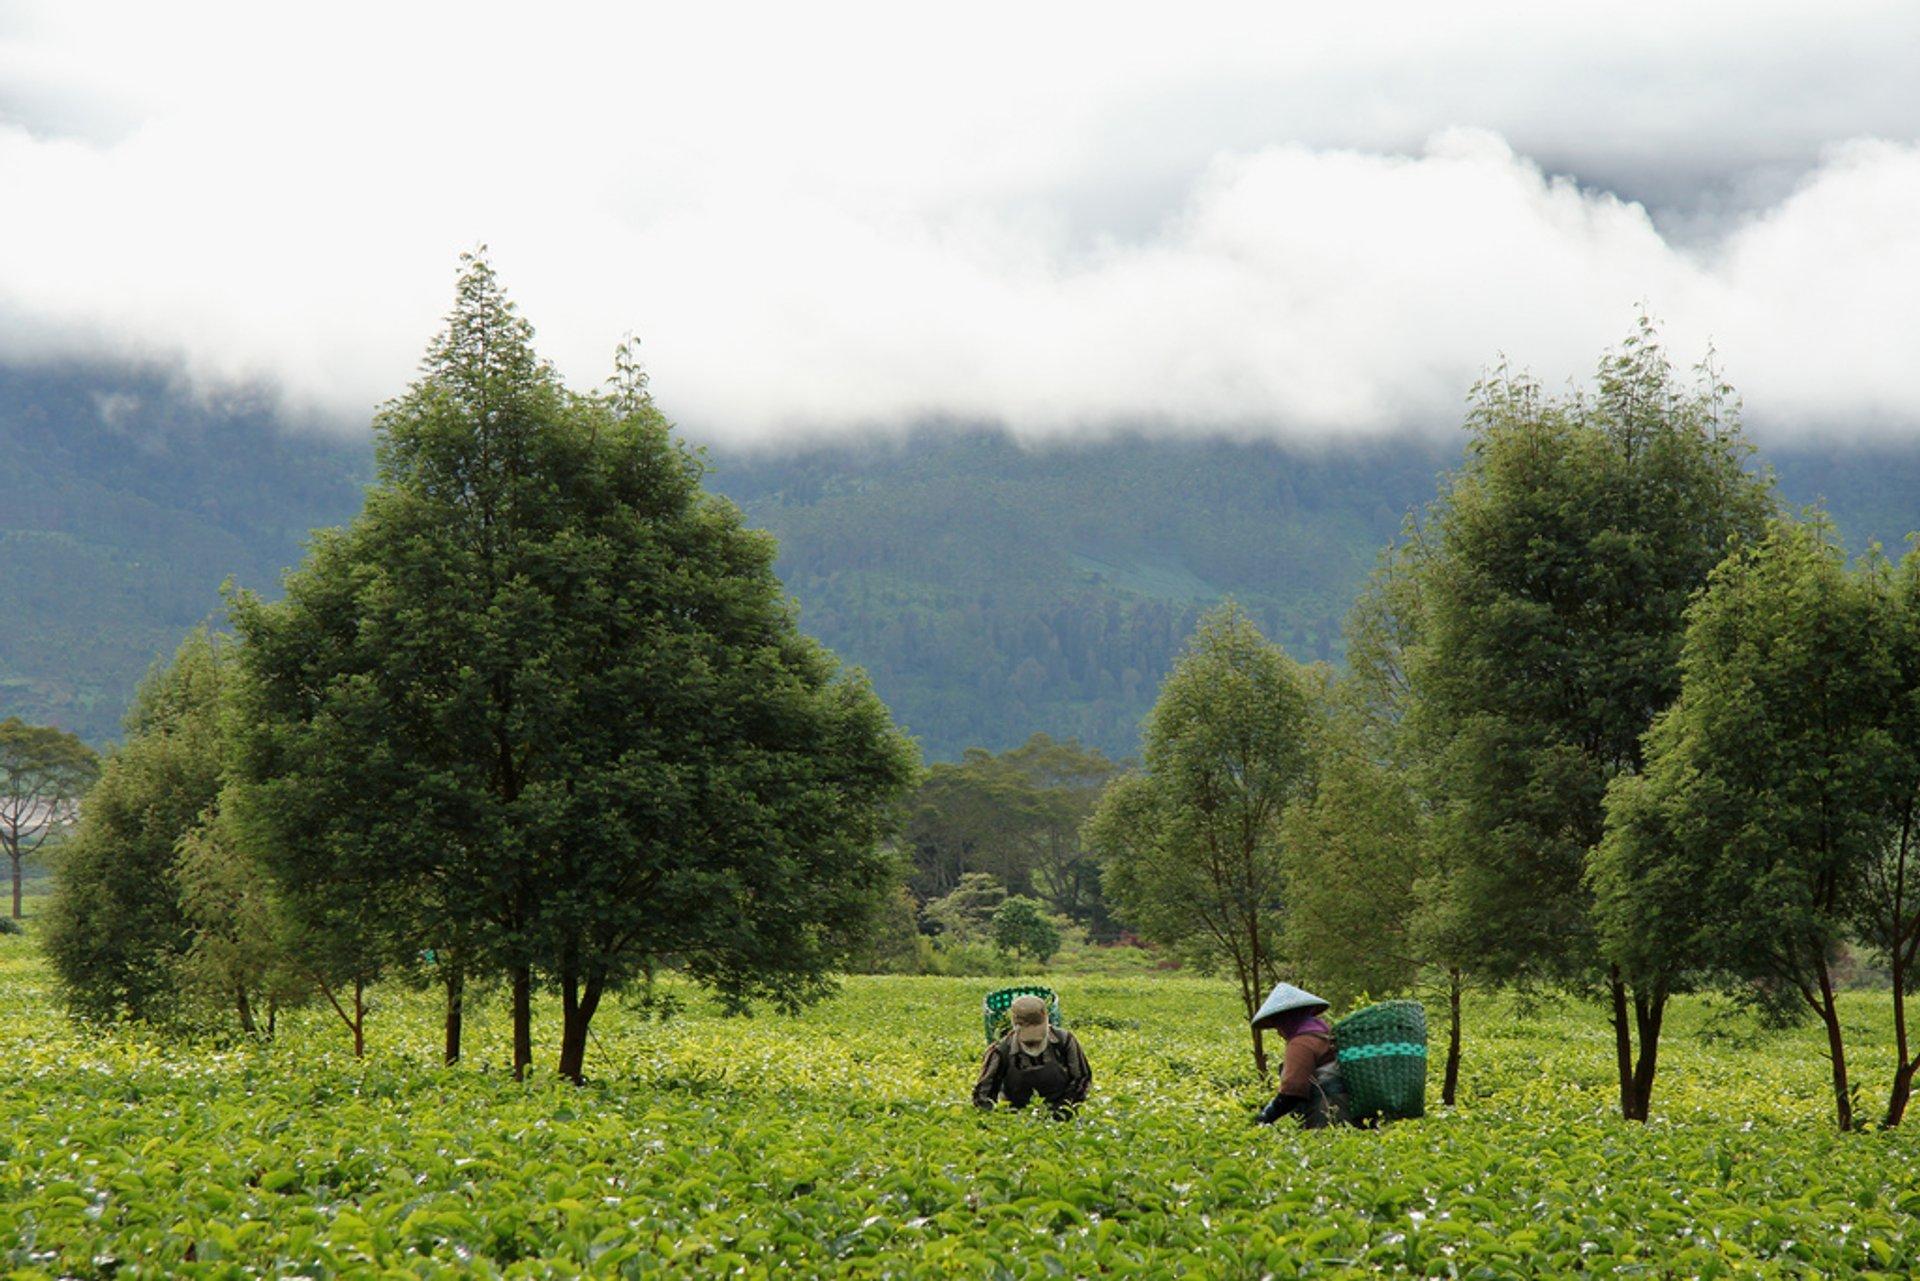 Malabar tea plantation 2020